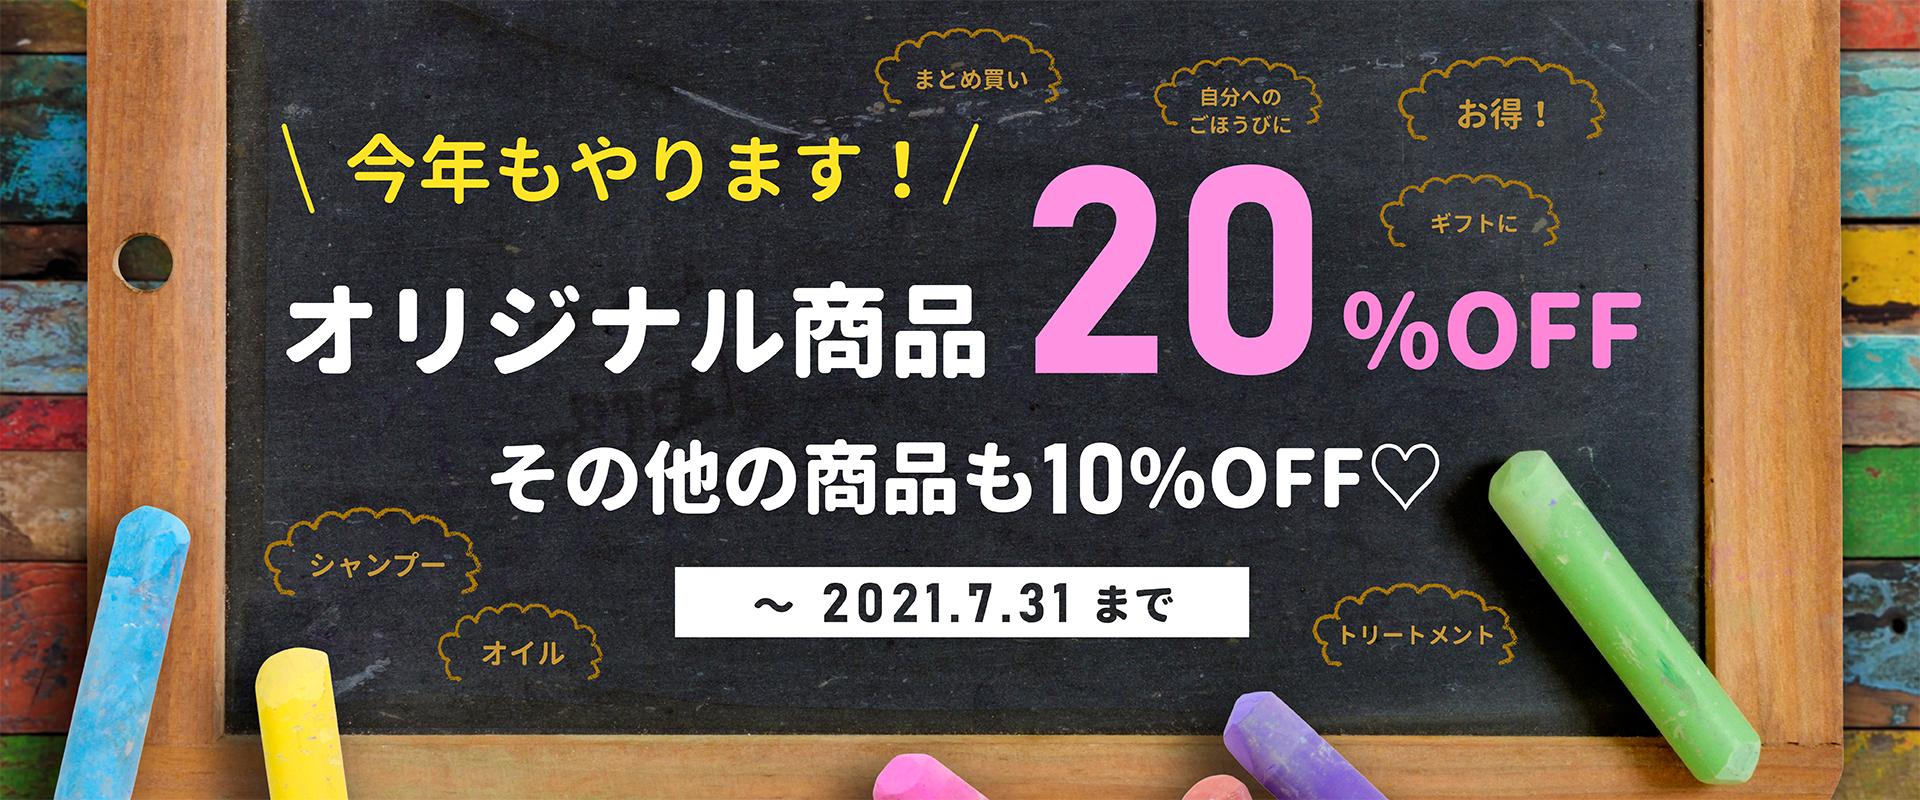 2021年6月7月 ミュゼオリジナル商品が20%OFFに!